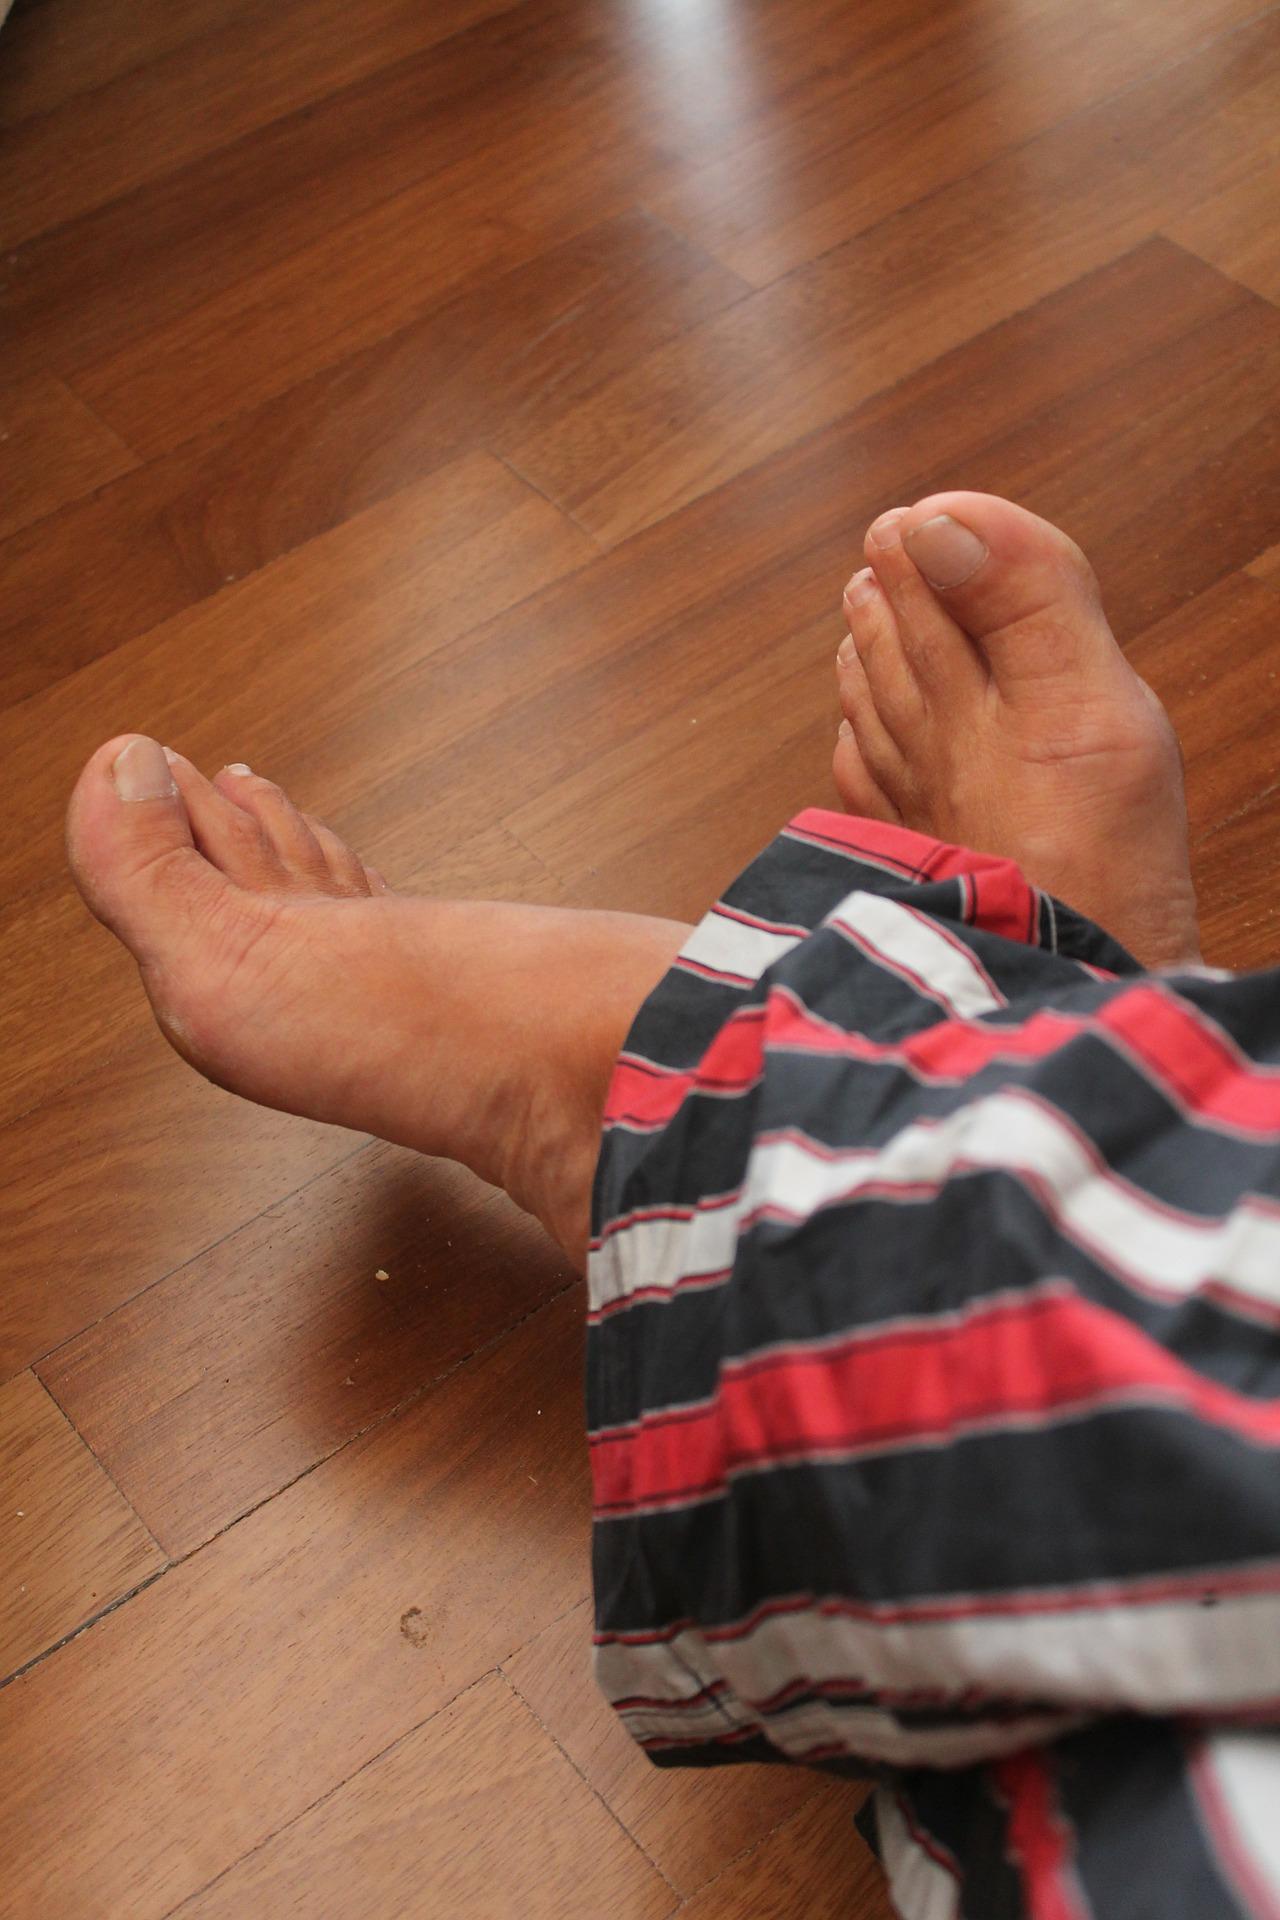 pajamas, comfortable pajamas, relaxing in pajamas